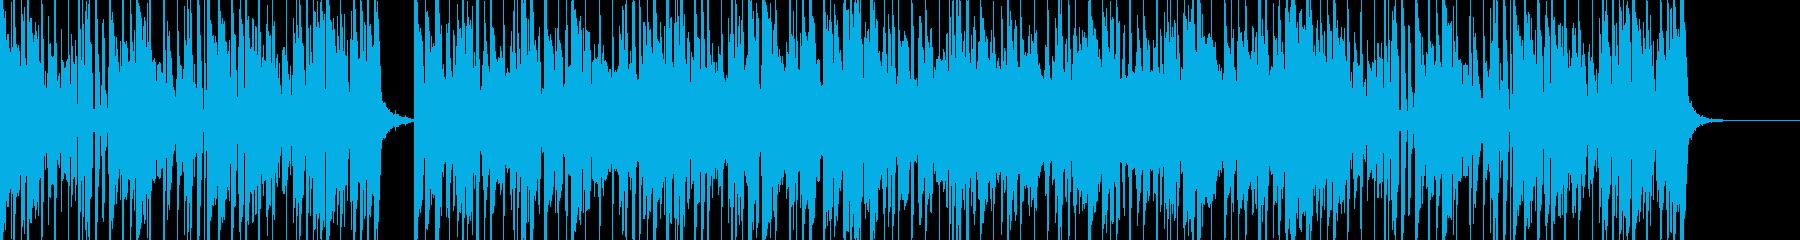 グルーヴ感のあるファンク・ミュージックの再生済みの波形